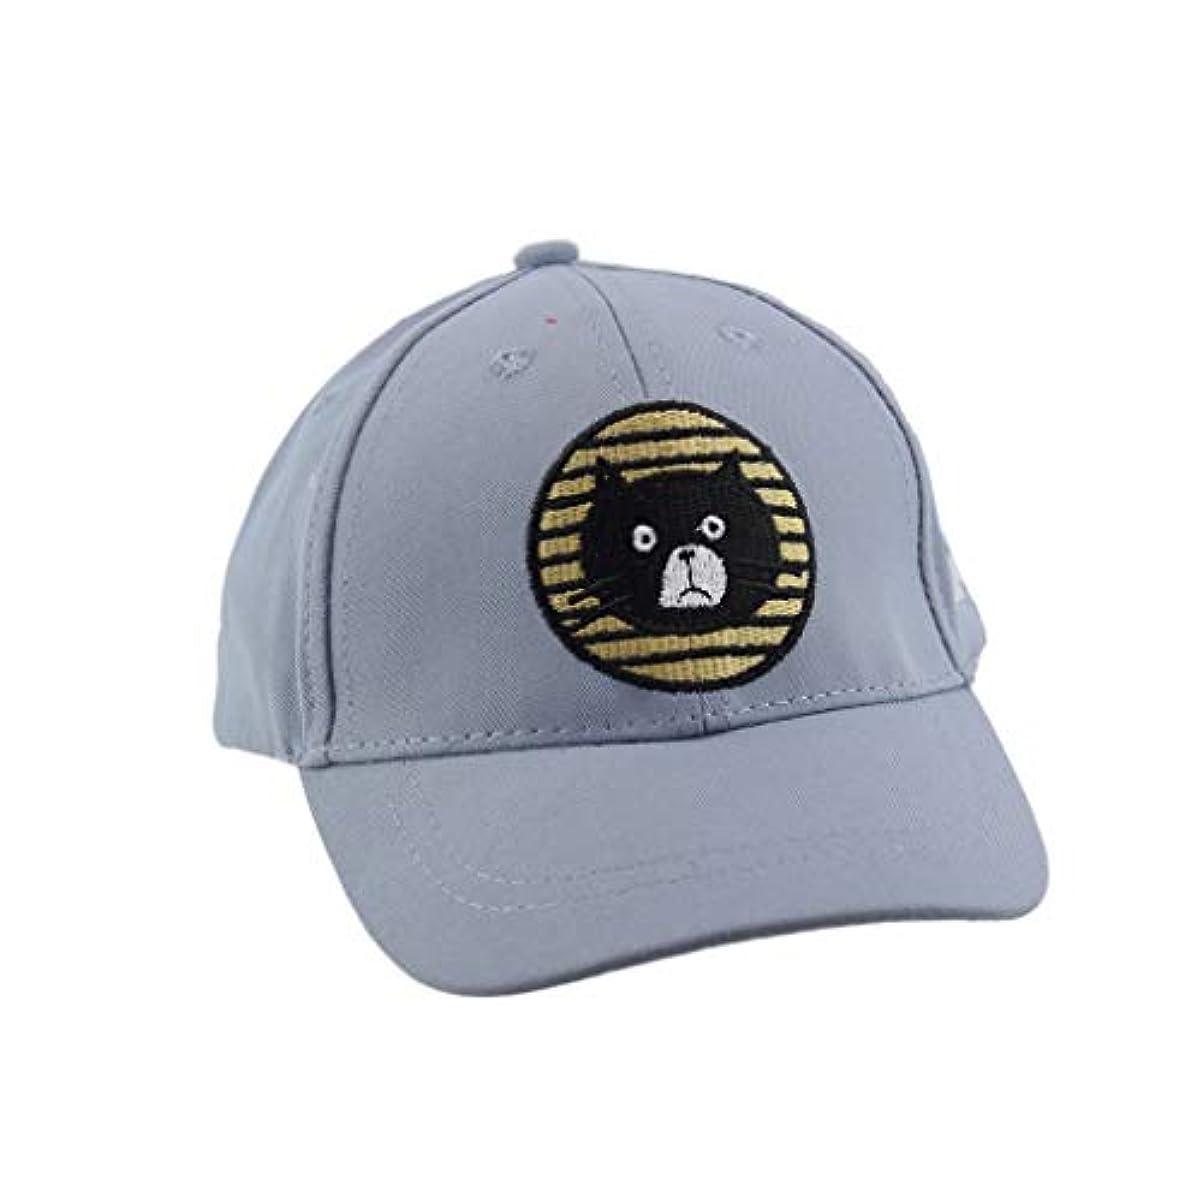 セブン到着大工Kaiweini 春夏新しい漁夫帽子供しゃれ ベビー帽 通気性抜群 日除け UVカット 紫外線対策スポーツ帽子男女兼用 速乾 軽薄 日よけ野球帽